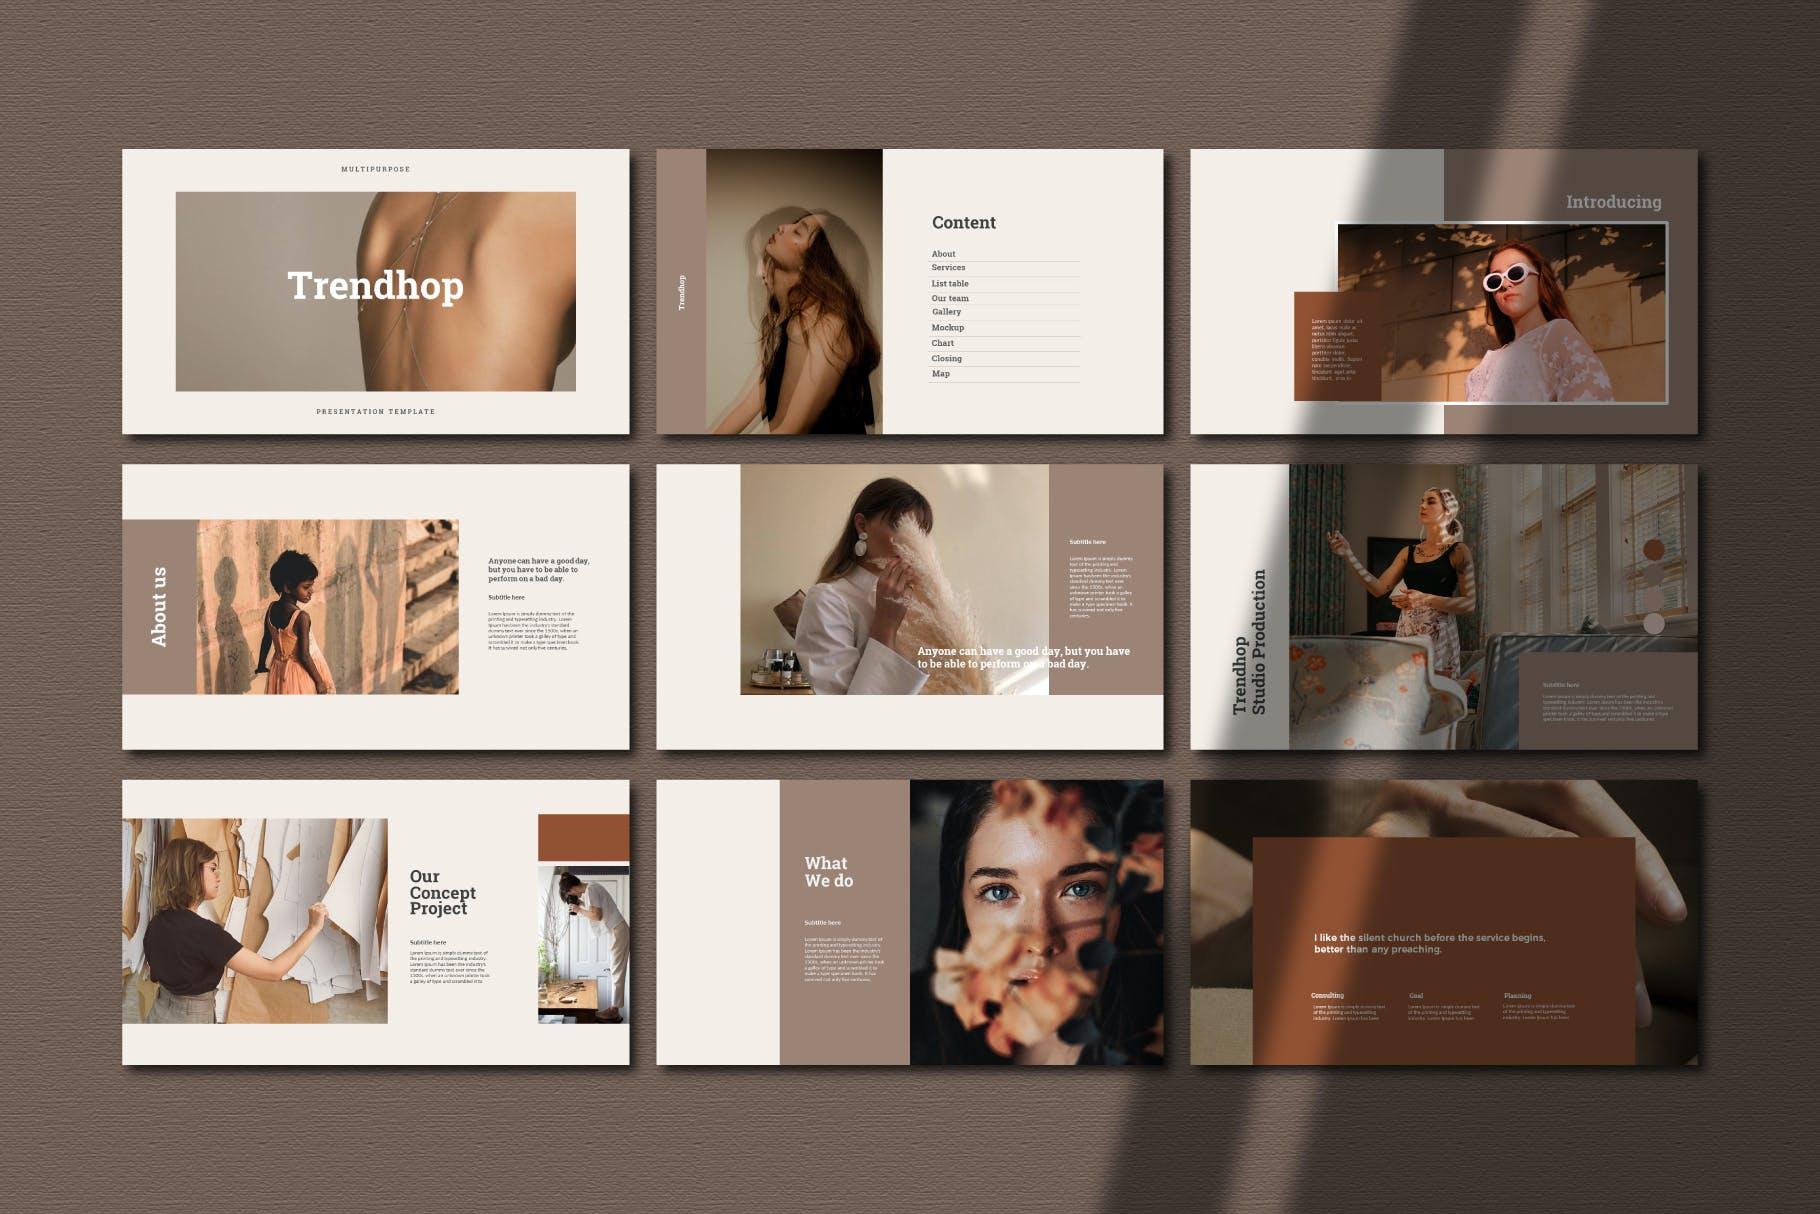 时尚奢华女性服装摄影作品集演示文稿模版 Trendhop Powerpoint Template插图3